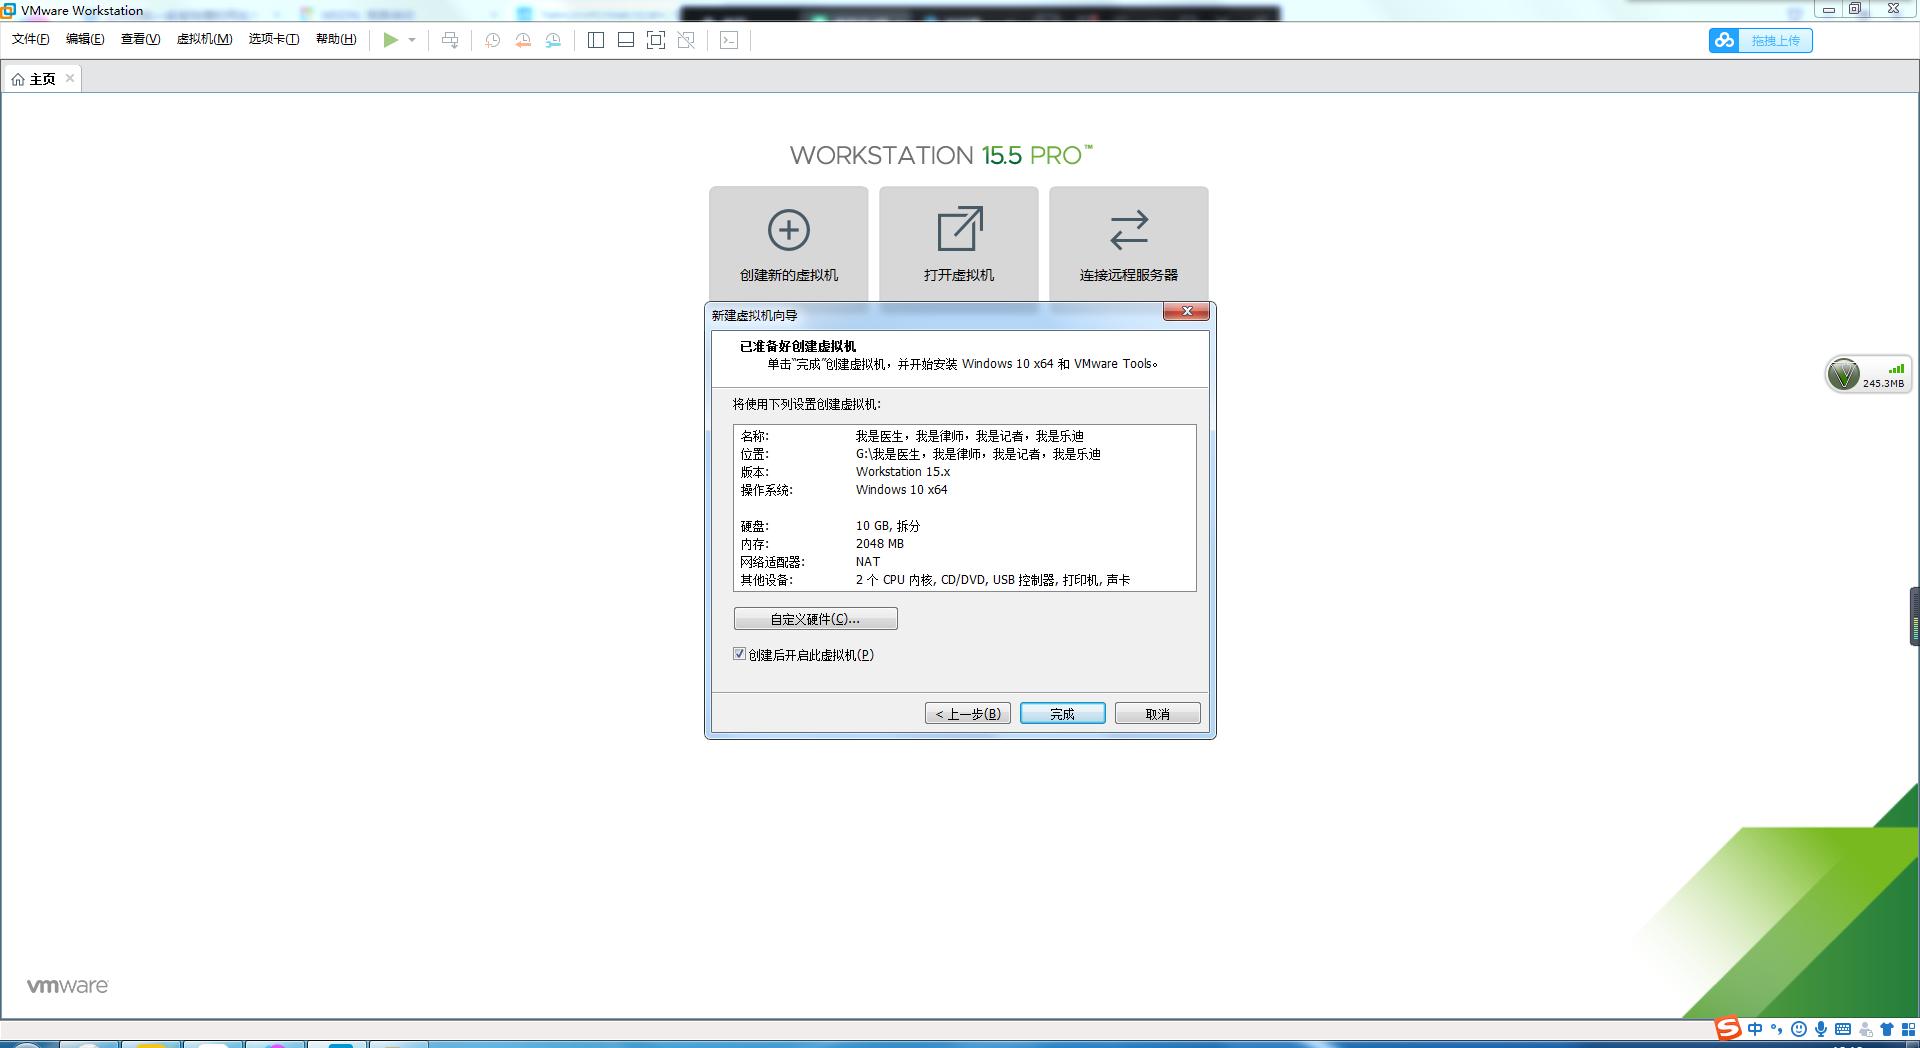 rBAAdmBpXF2AHKYSAAKnotai5Rk299.jpg插图(5)